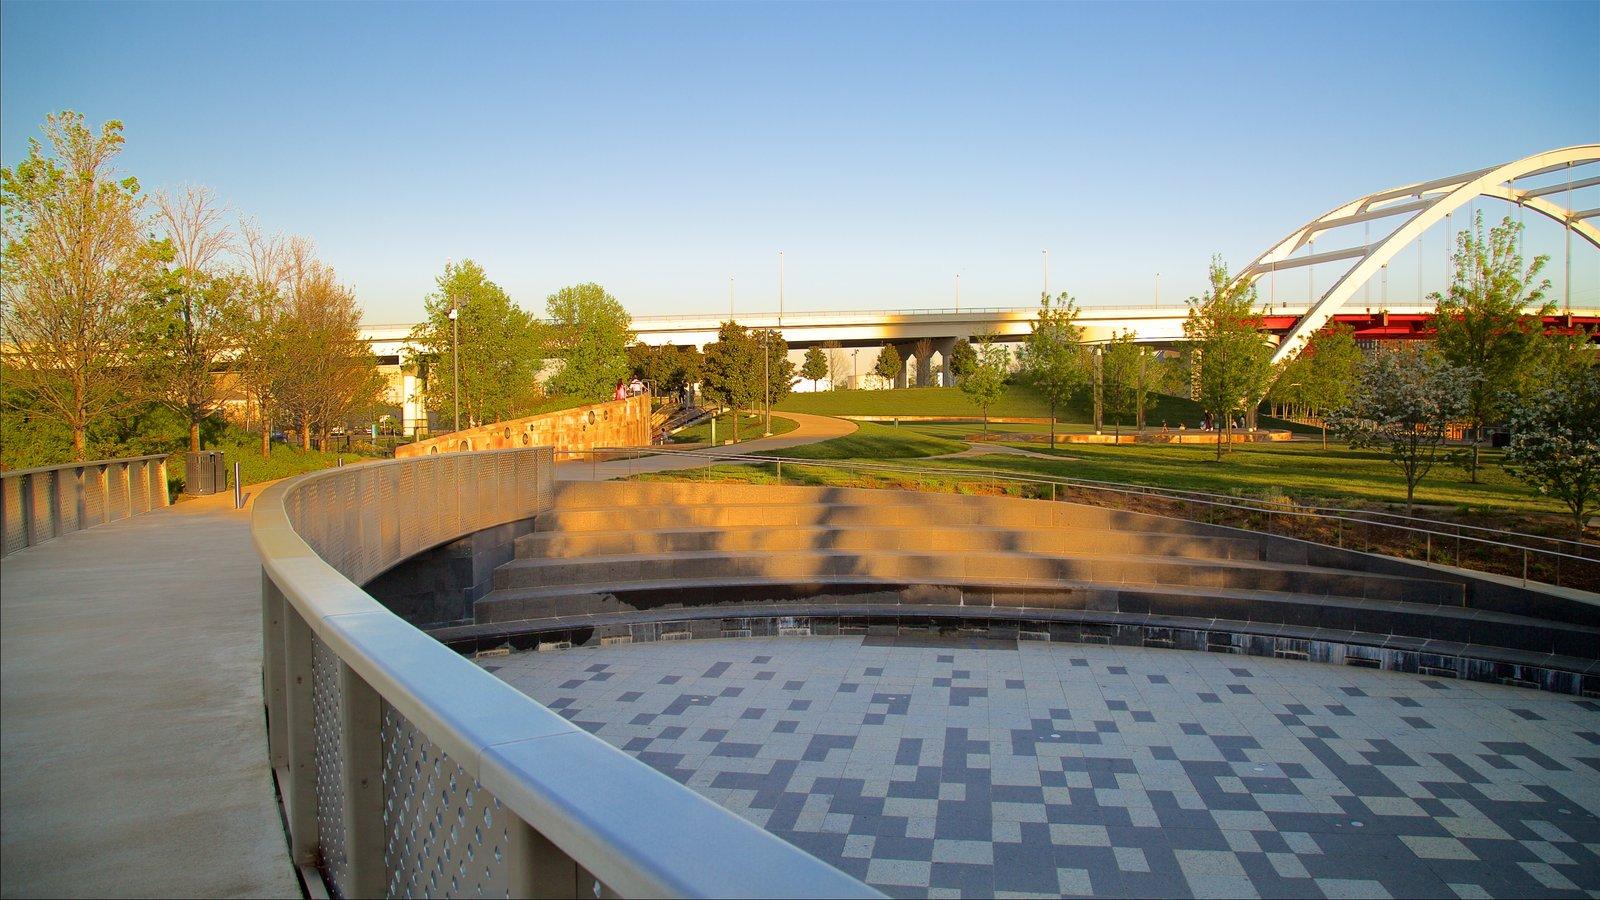 Cumberland Park mostrando un parque y un parque o plaza